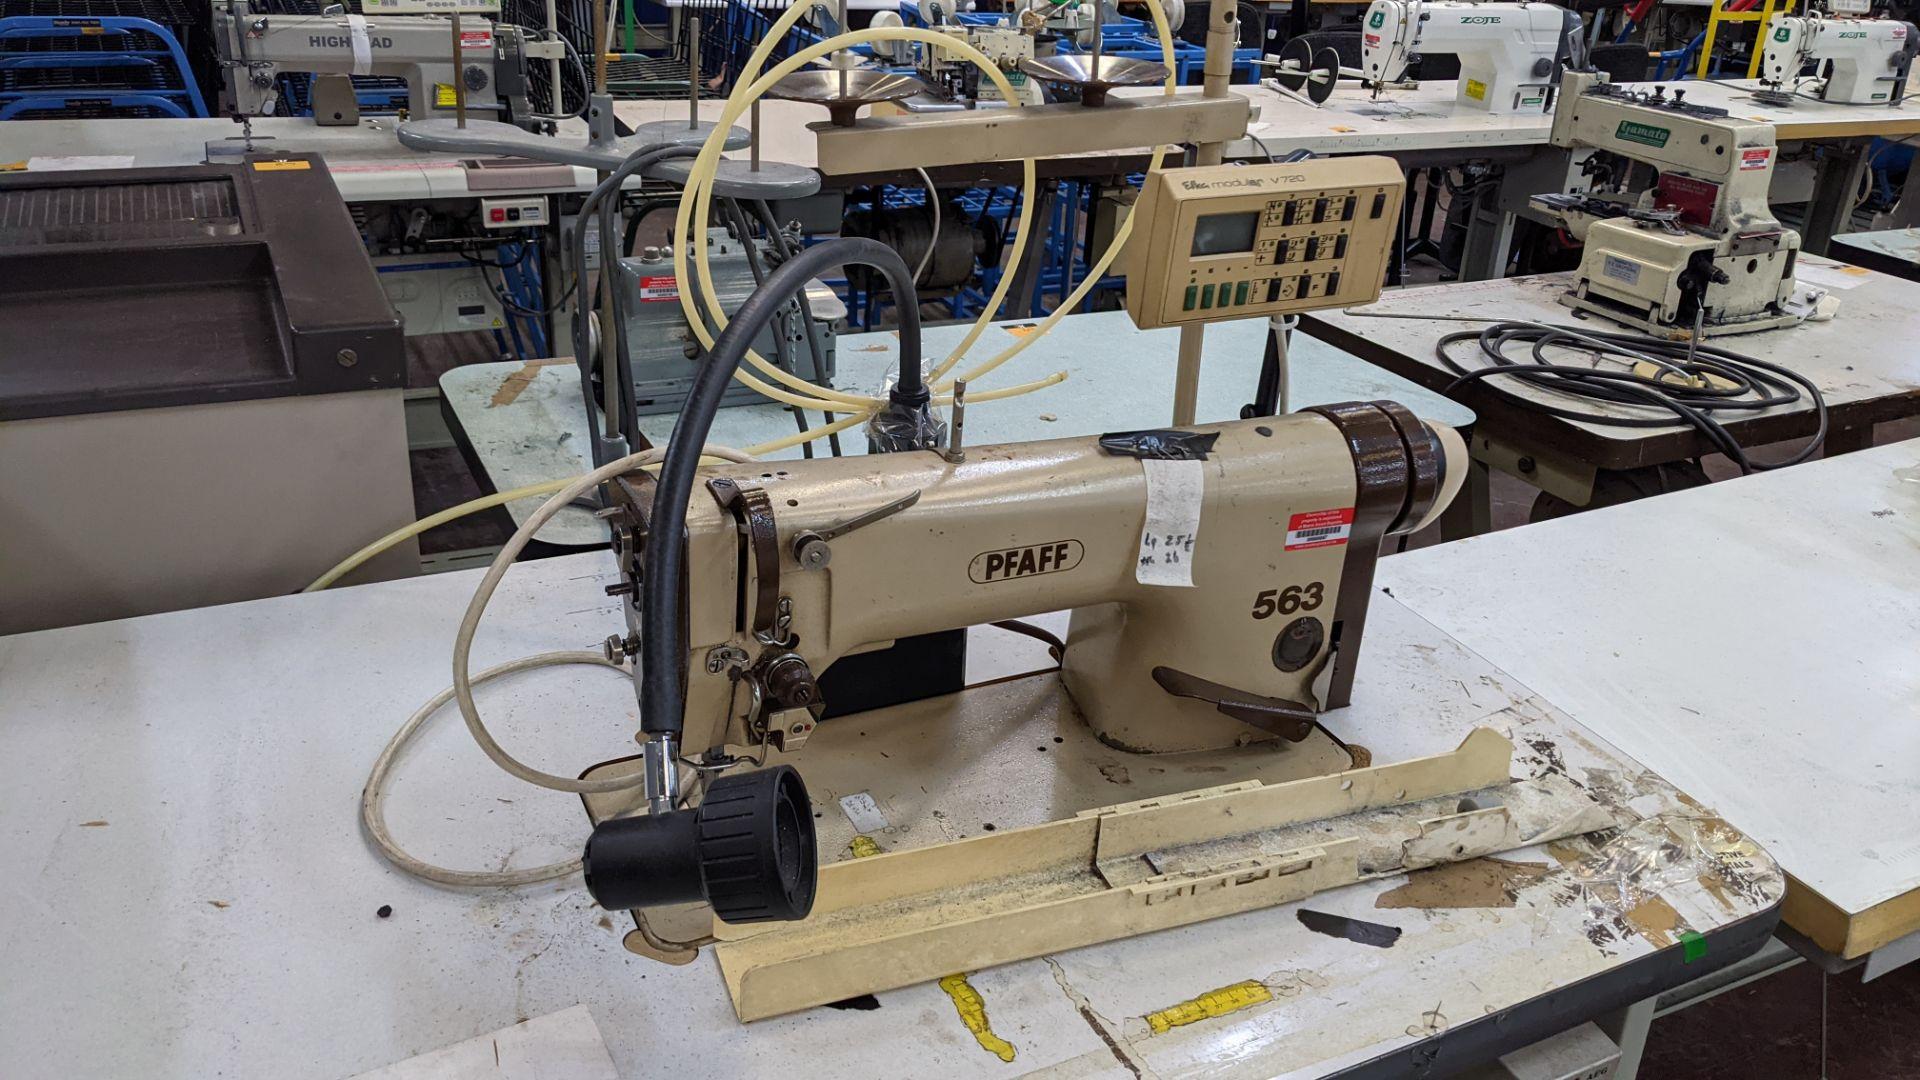 Pfaff model 563 sewing machine with Efka modular V720 digital controller - Image 7 of 13